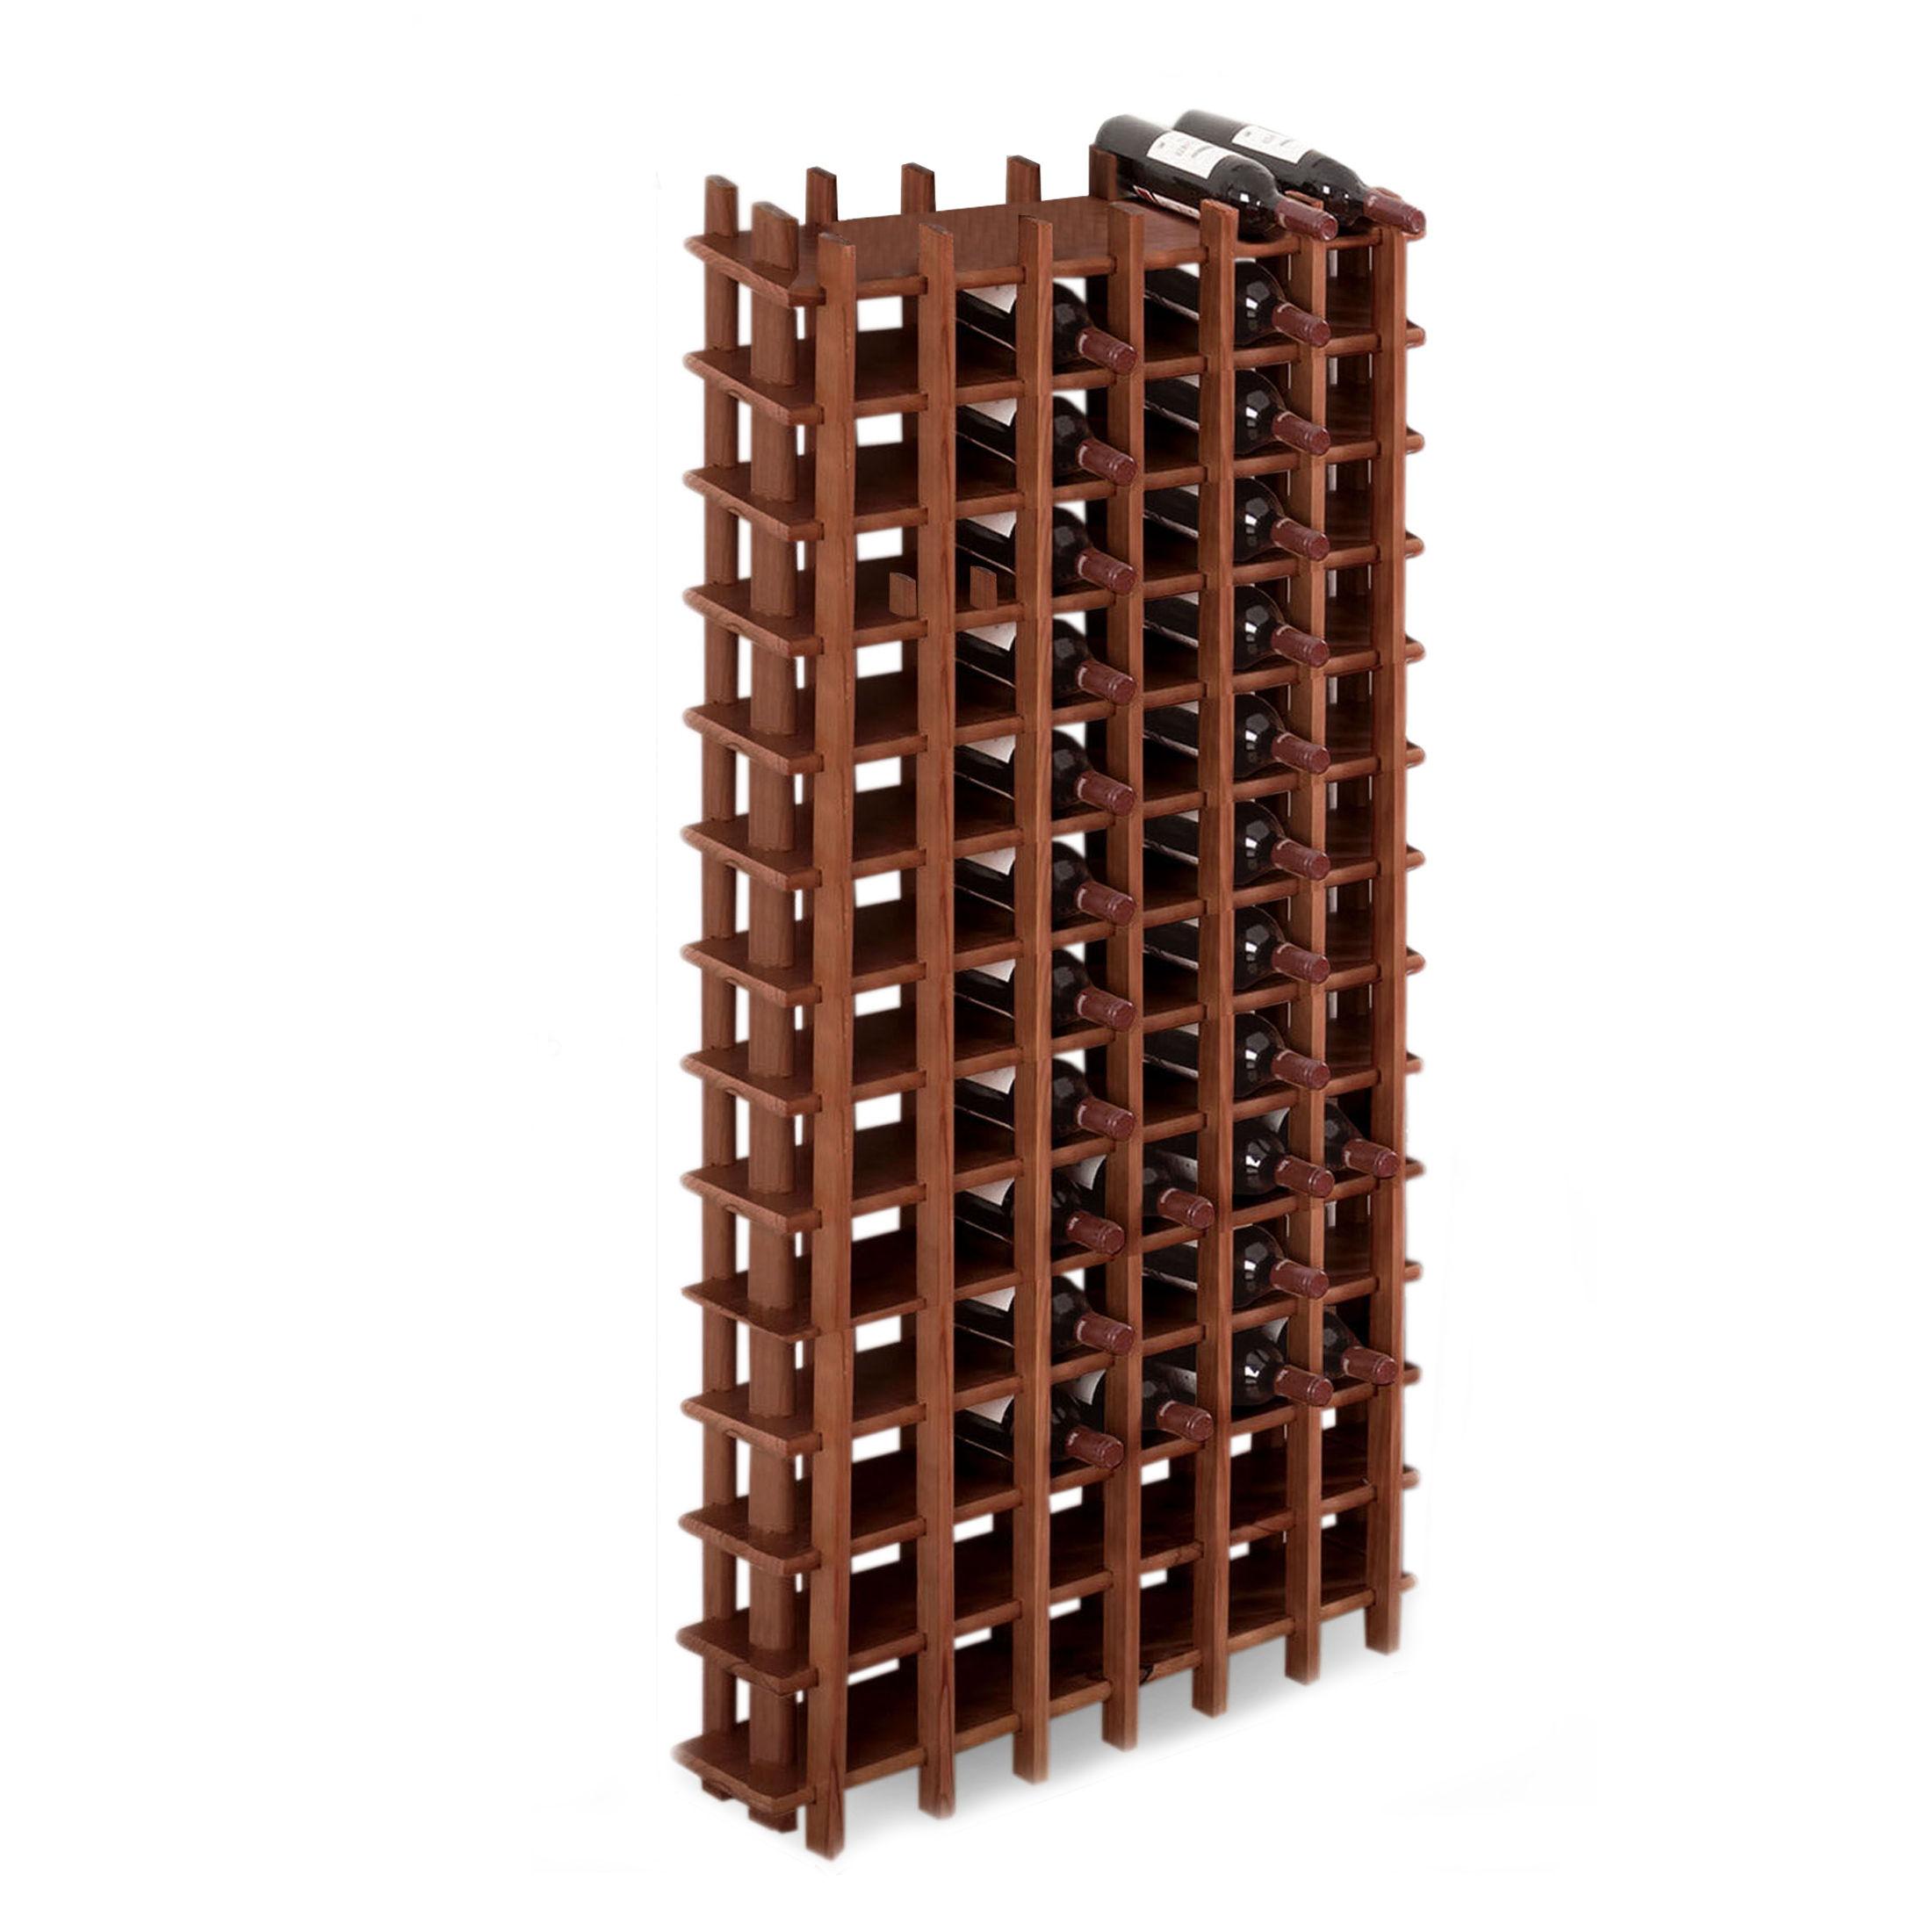 weinregal system primavino holz kiefer dunkelbraun. Black Bedroom Furniture Sets. Home Design Ideas